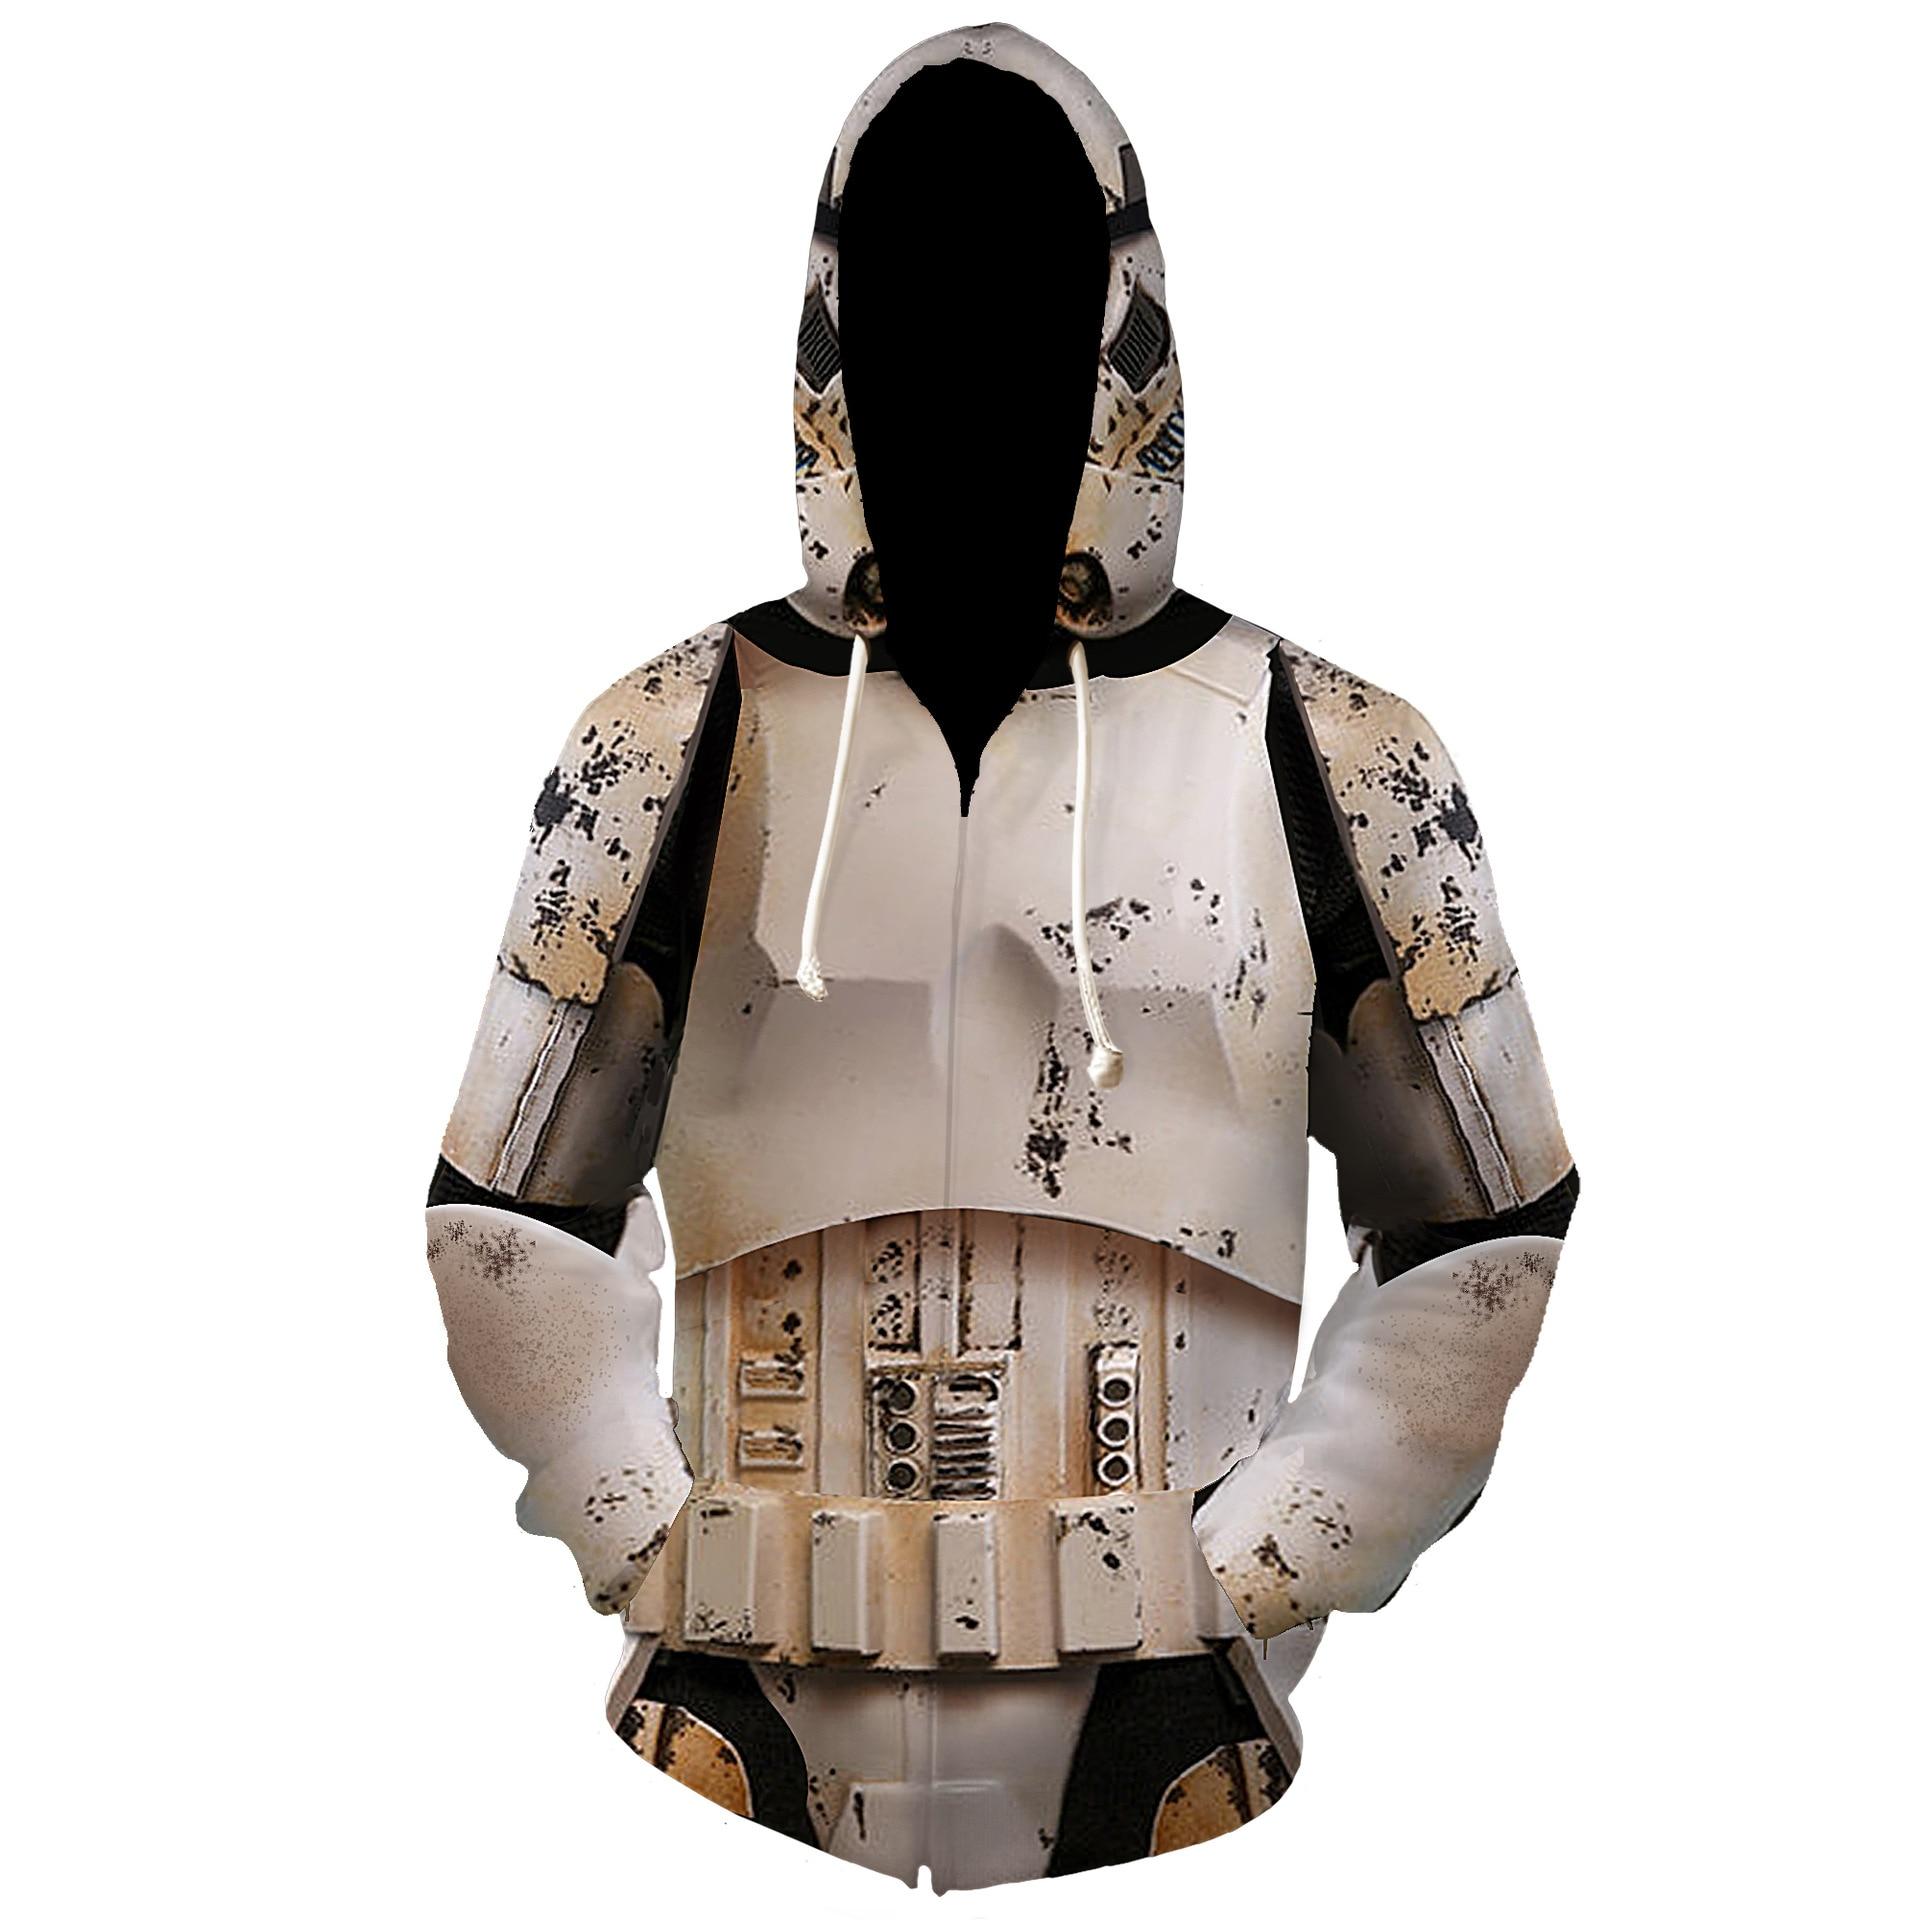 Movie Star Wars: The Rise Of Skywalker Jedi Knight Hoodies Jackets Cosplay Costumes Mandalorian 3D Printing Hoodie Sweatshirts